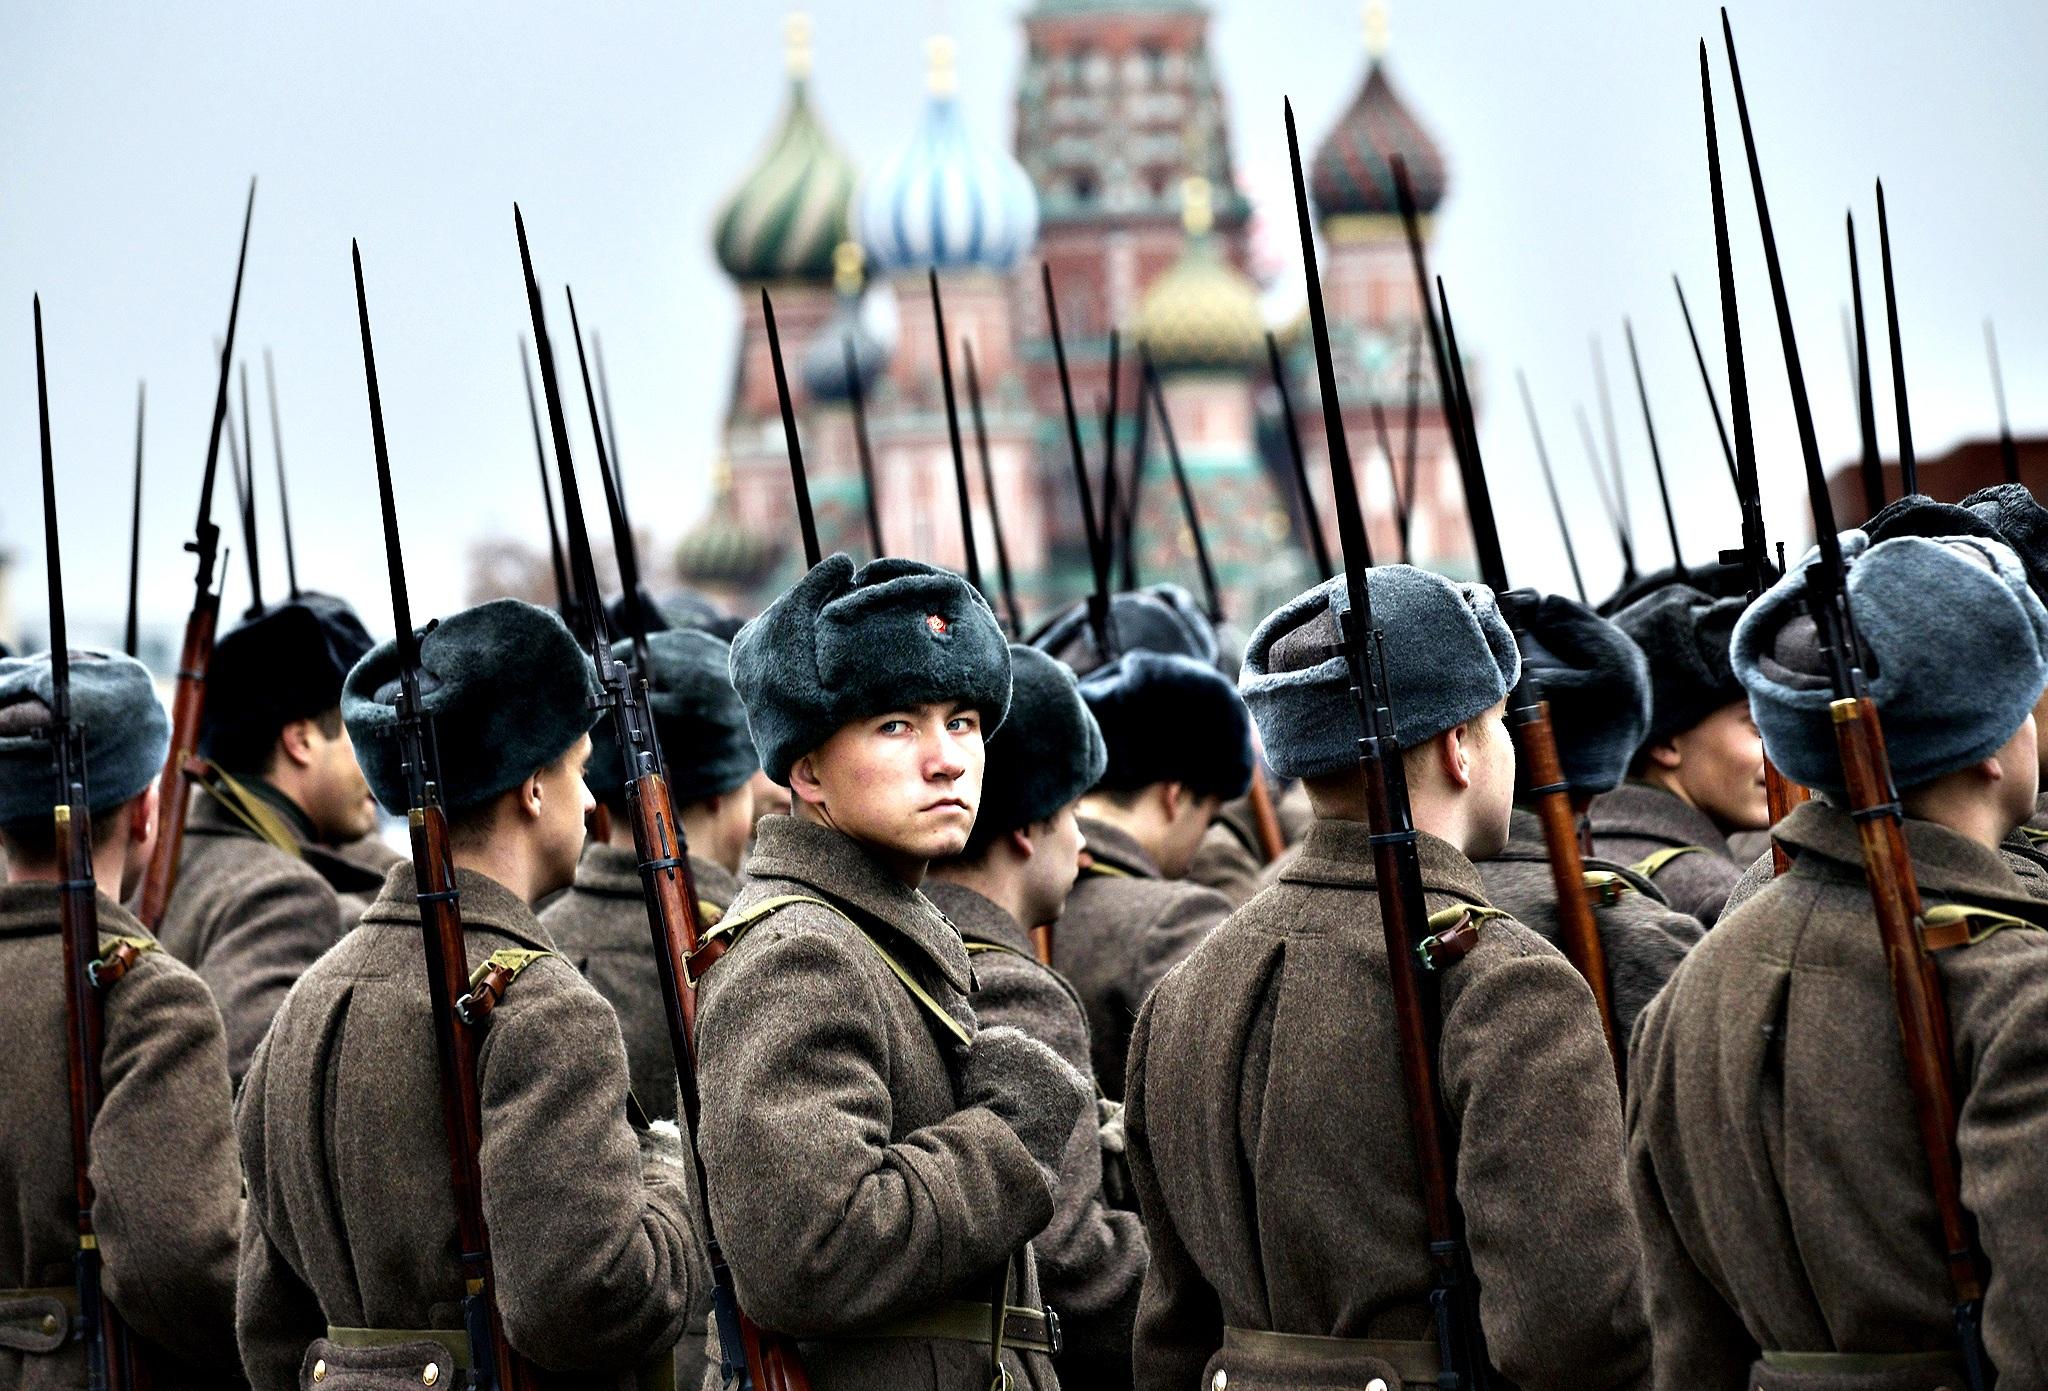 Binh lính Nga. (Ảnh: